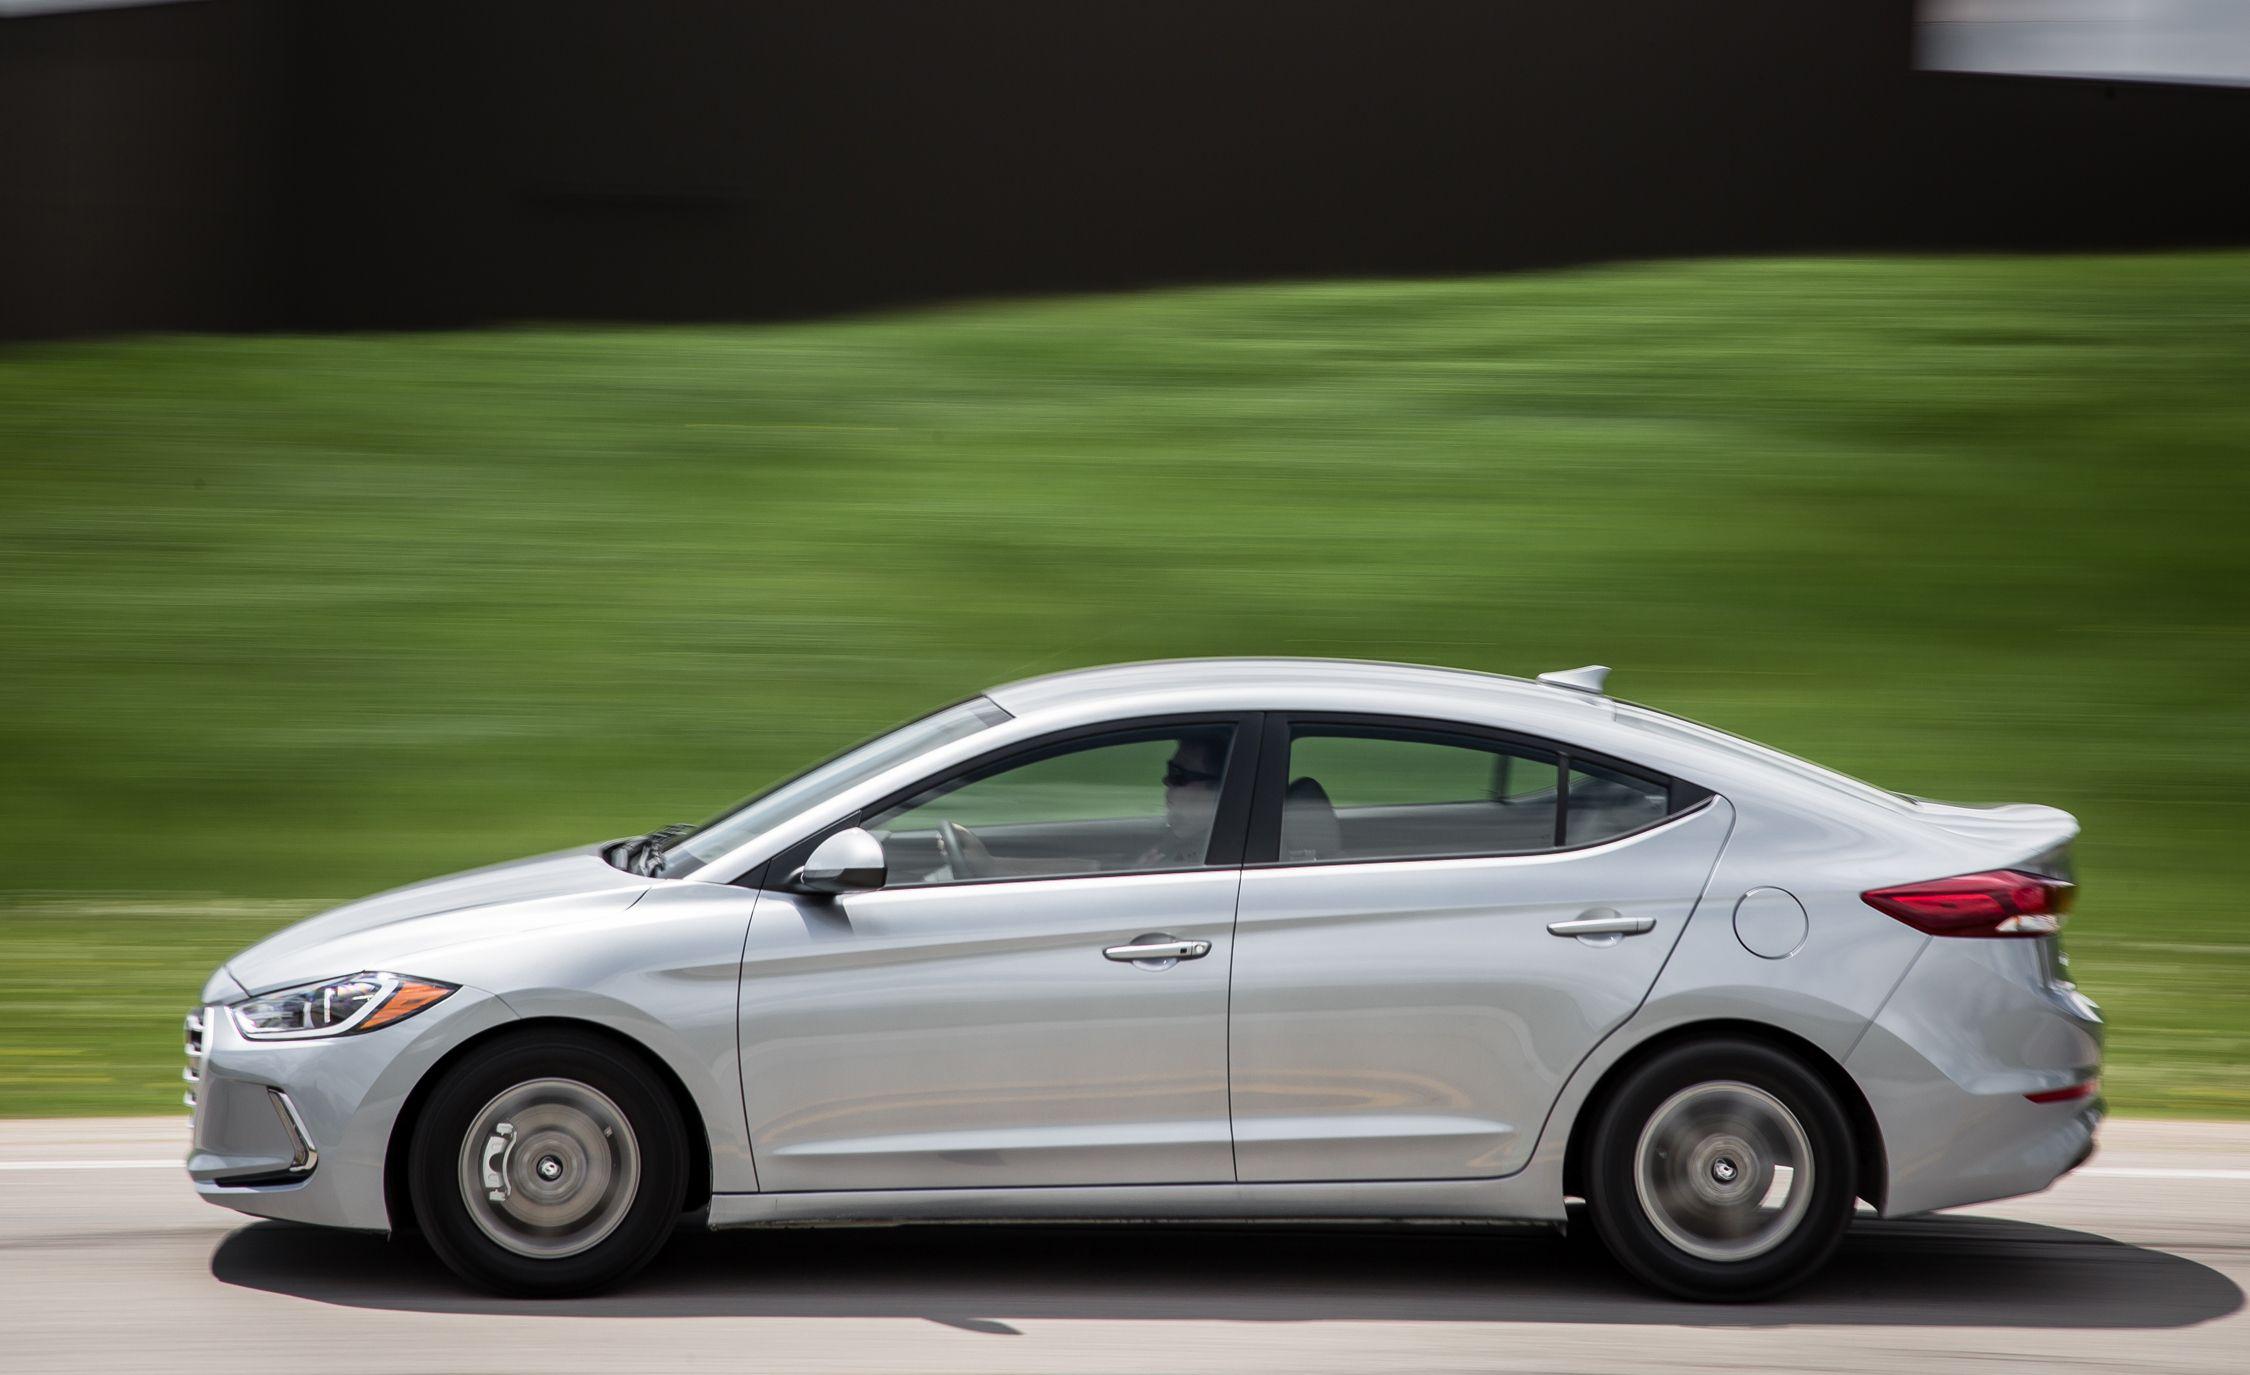 2018 Hyundai Elantra Fuel Economy Review